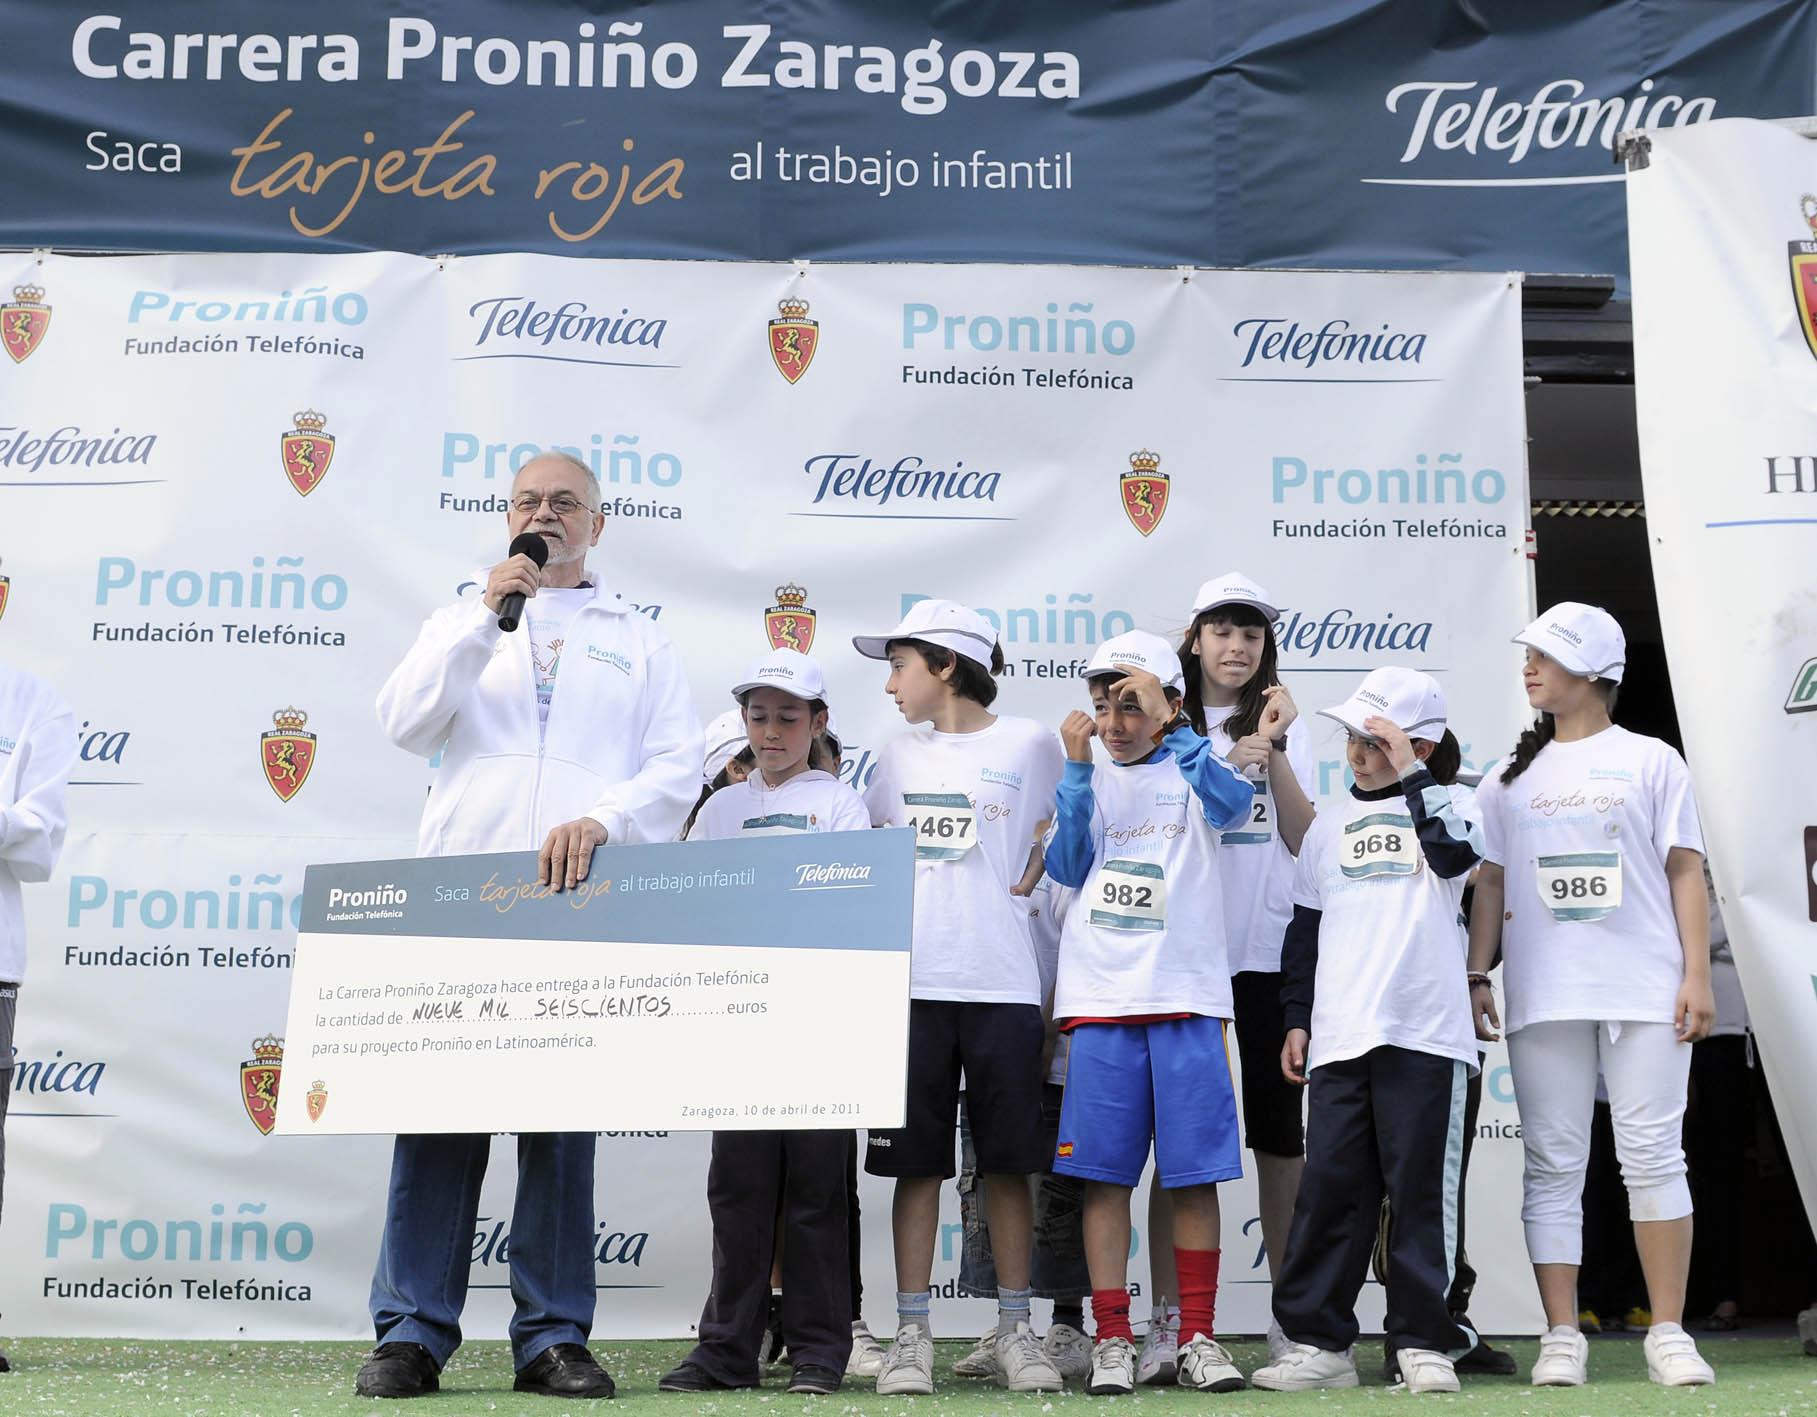 Javier Nadal Vicepresidente Ejecutivo de Fundación Telefónica recibió el cheque con la recaudación de la carrera que se destina íntegramente a Proniño.